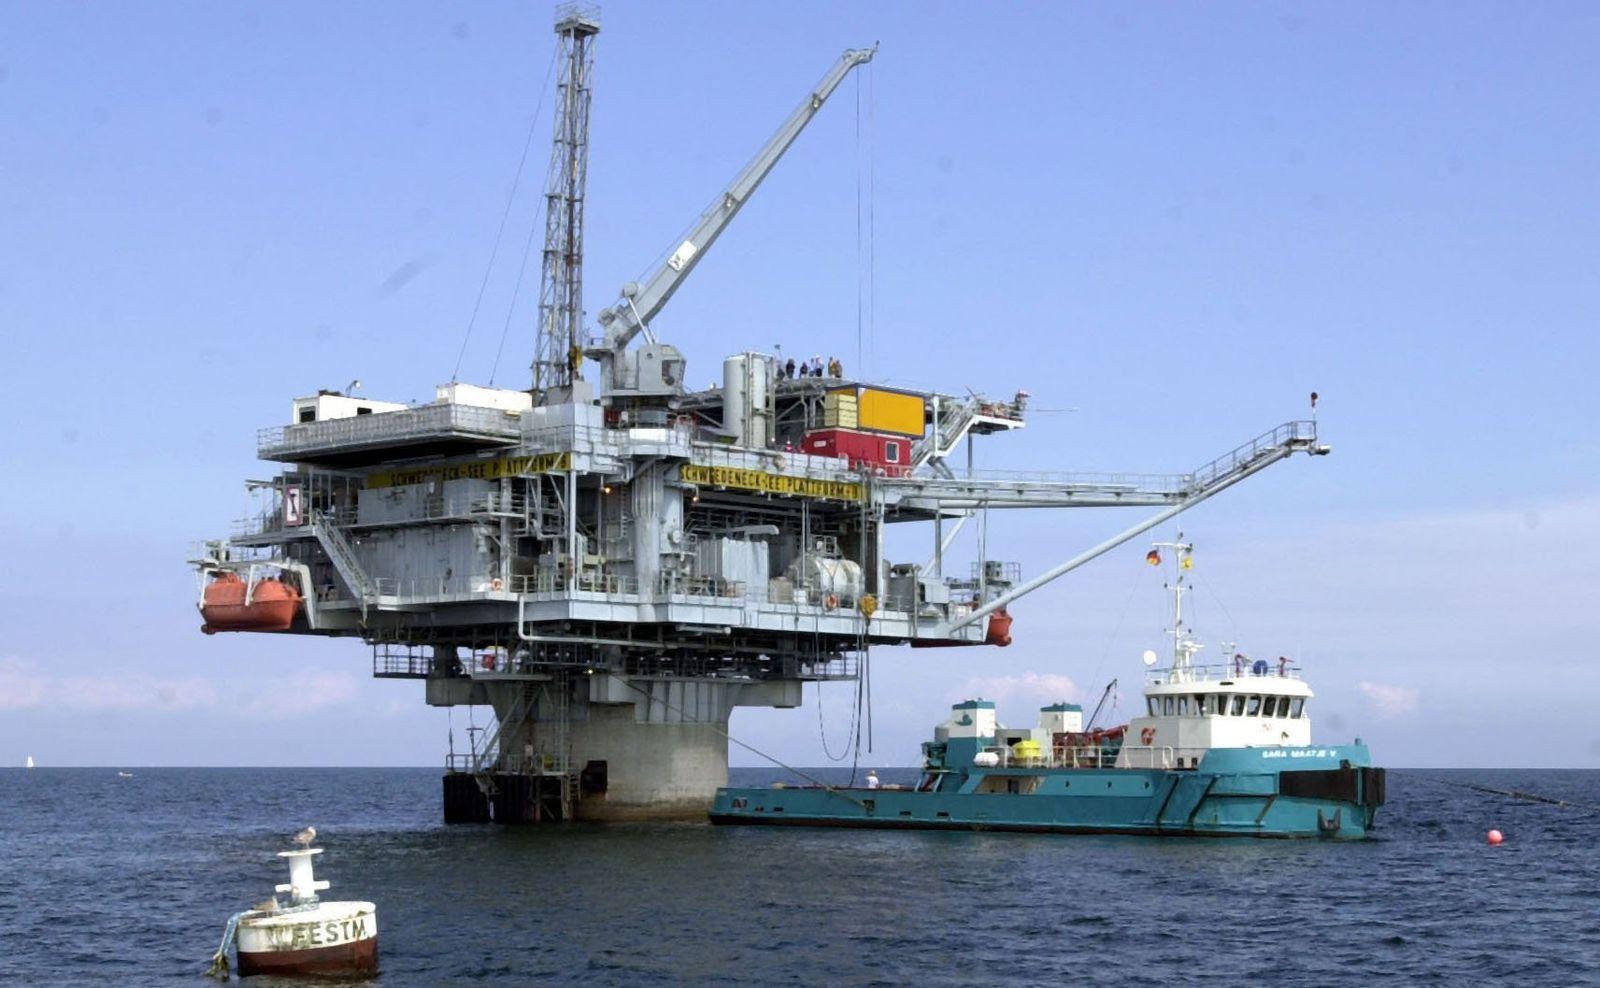 Ölplattform in der Ostsee schwedeneck